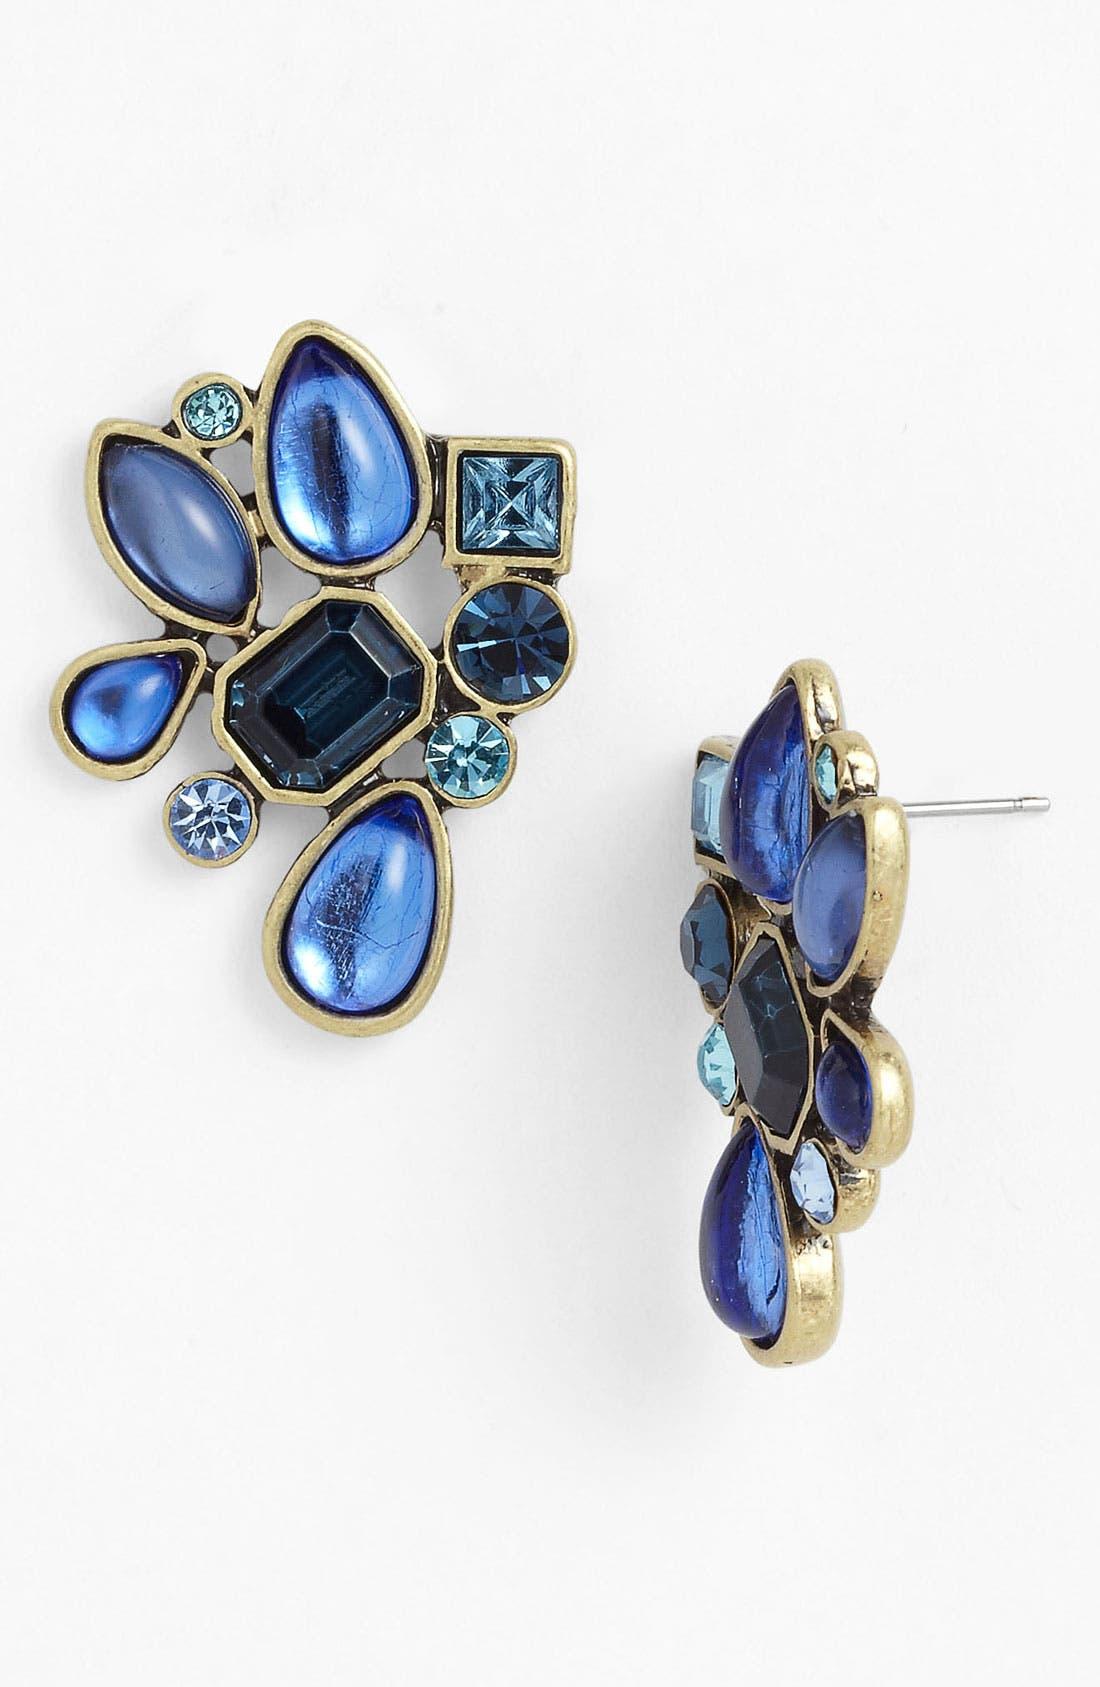 Alternate Image 1 Selected - Nordstrom 'Old Hollywood' Stud Earrings